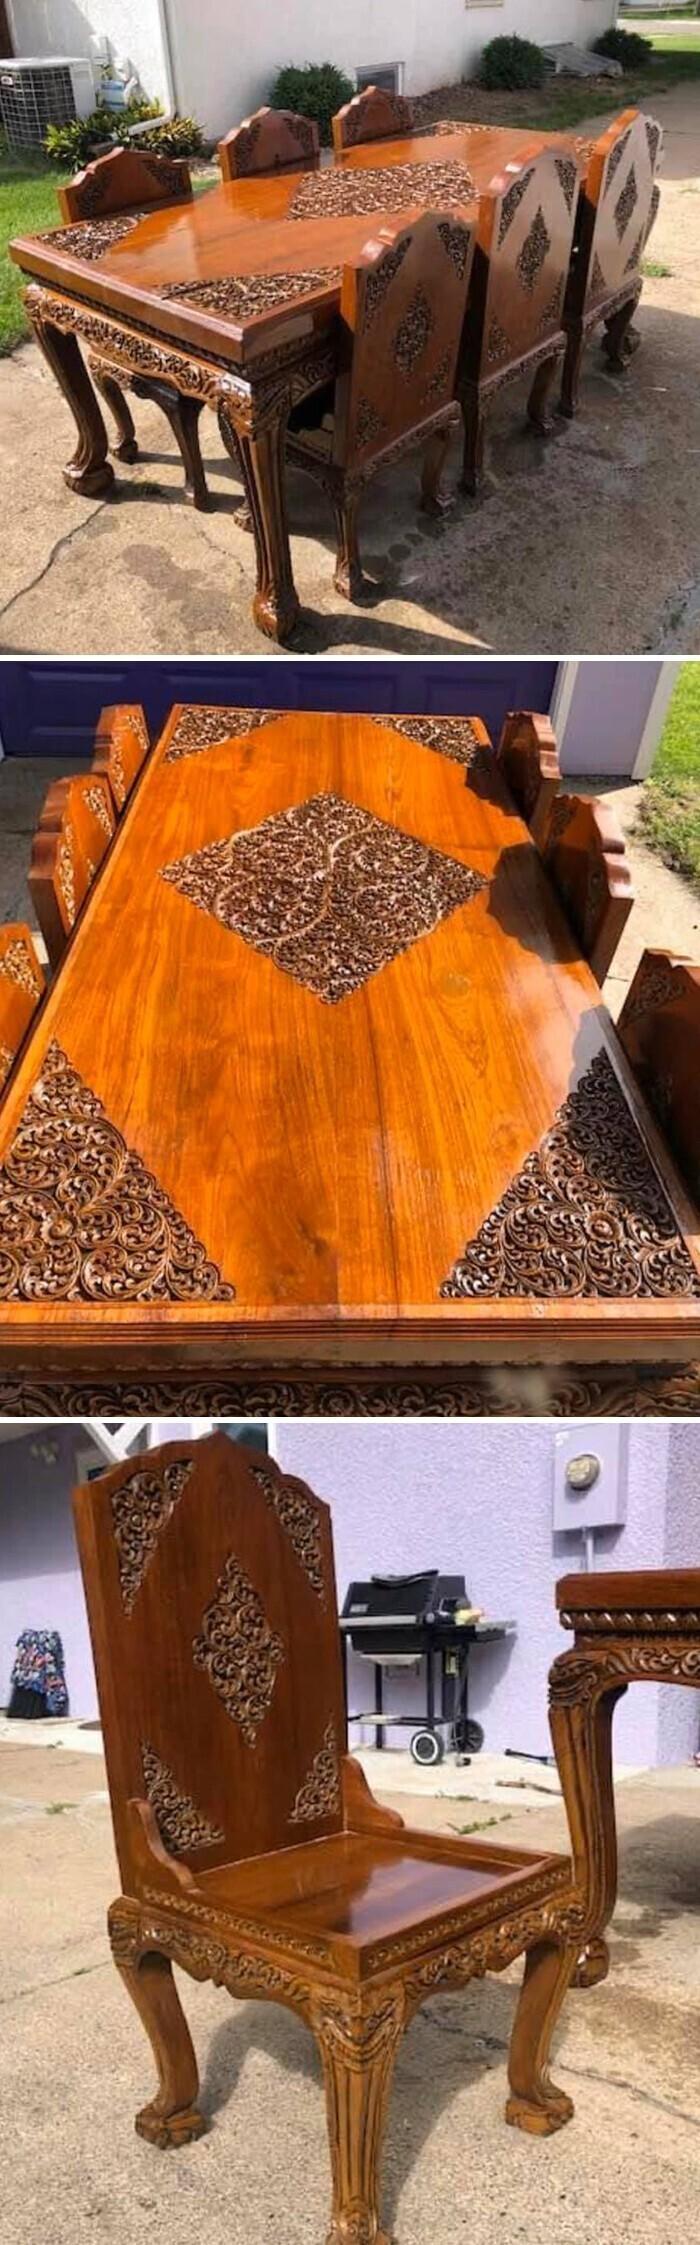 """5. """"Нашла обеденный стол своей мечты на распродаже. Он из цельного дерева и очень тяжелый. Чтобы поднять стул, нужно два человека"""""""